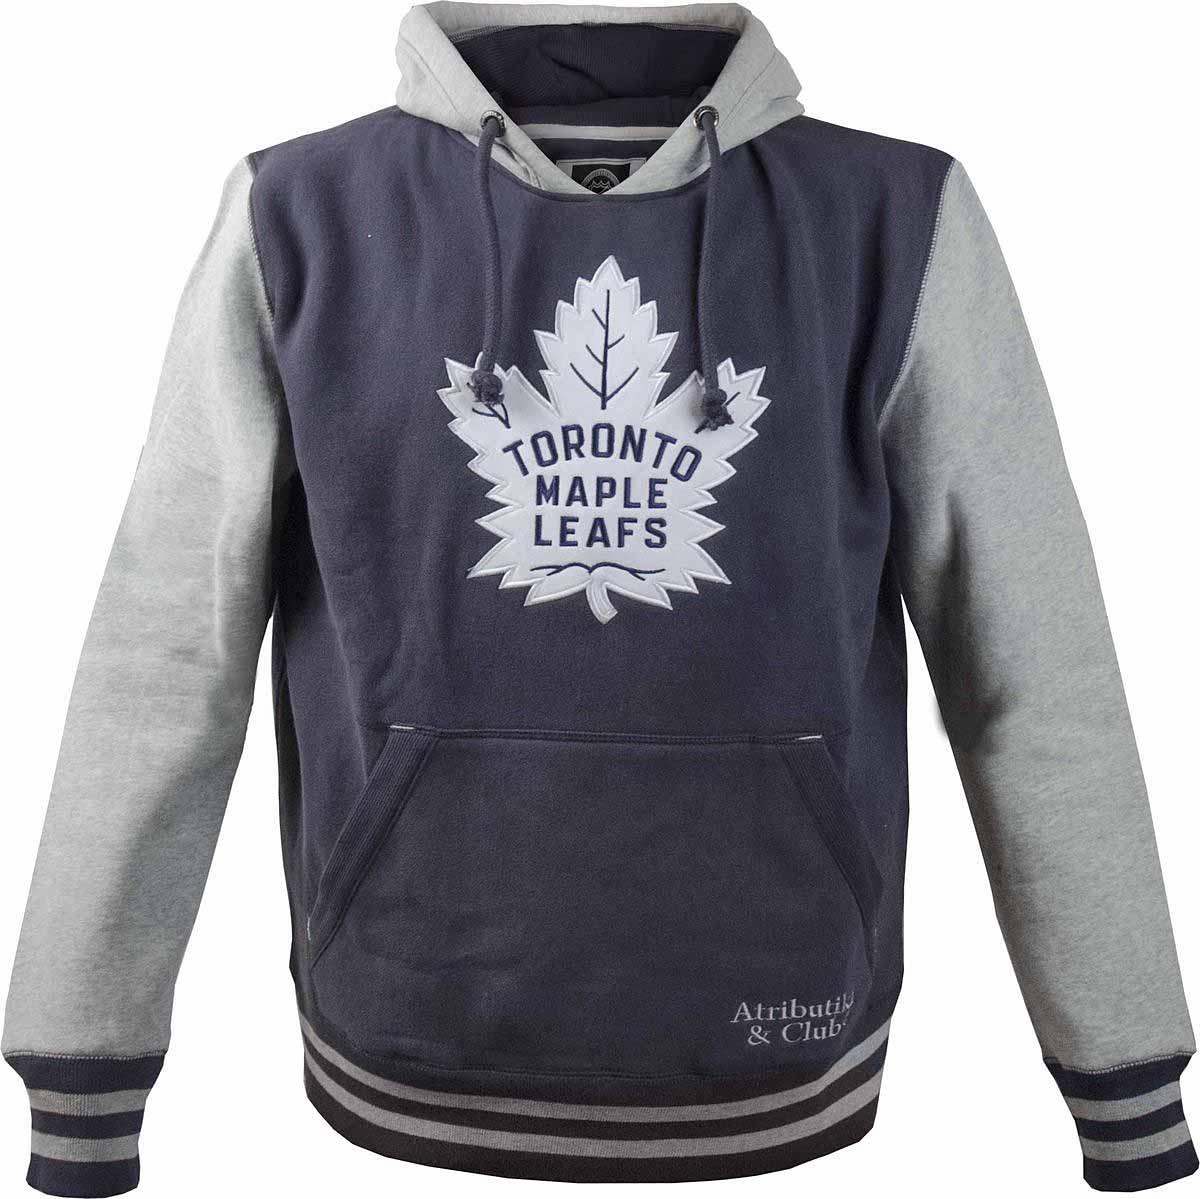 Толстовка мужская Atributika & Club Toronto Maple Leafs, цвет: синий, серый. 35820. Размер XS (44)35820Мужская толстовка Atributika & Club выполнена из хлопкового трикотажа. Модель с длинными рукавами и капюшоном на груди оформлена логотипом хоккейного клуба Toronto Maple Leafs. Имеется карман-кенгуру.